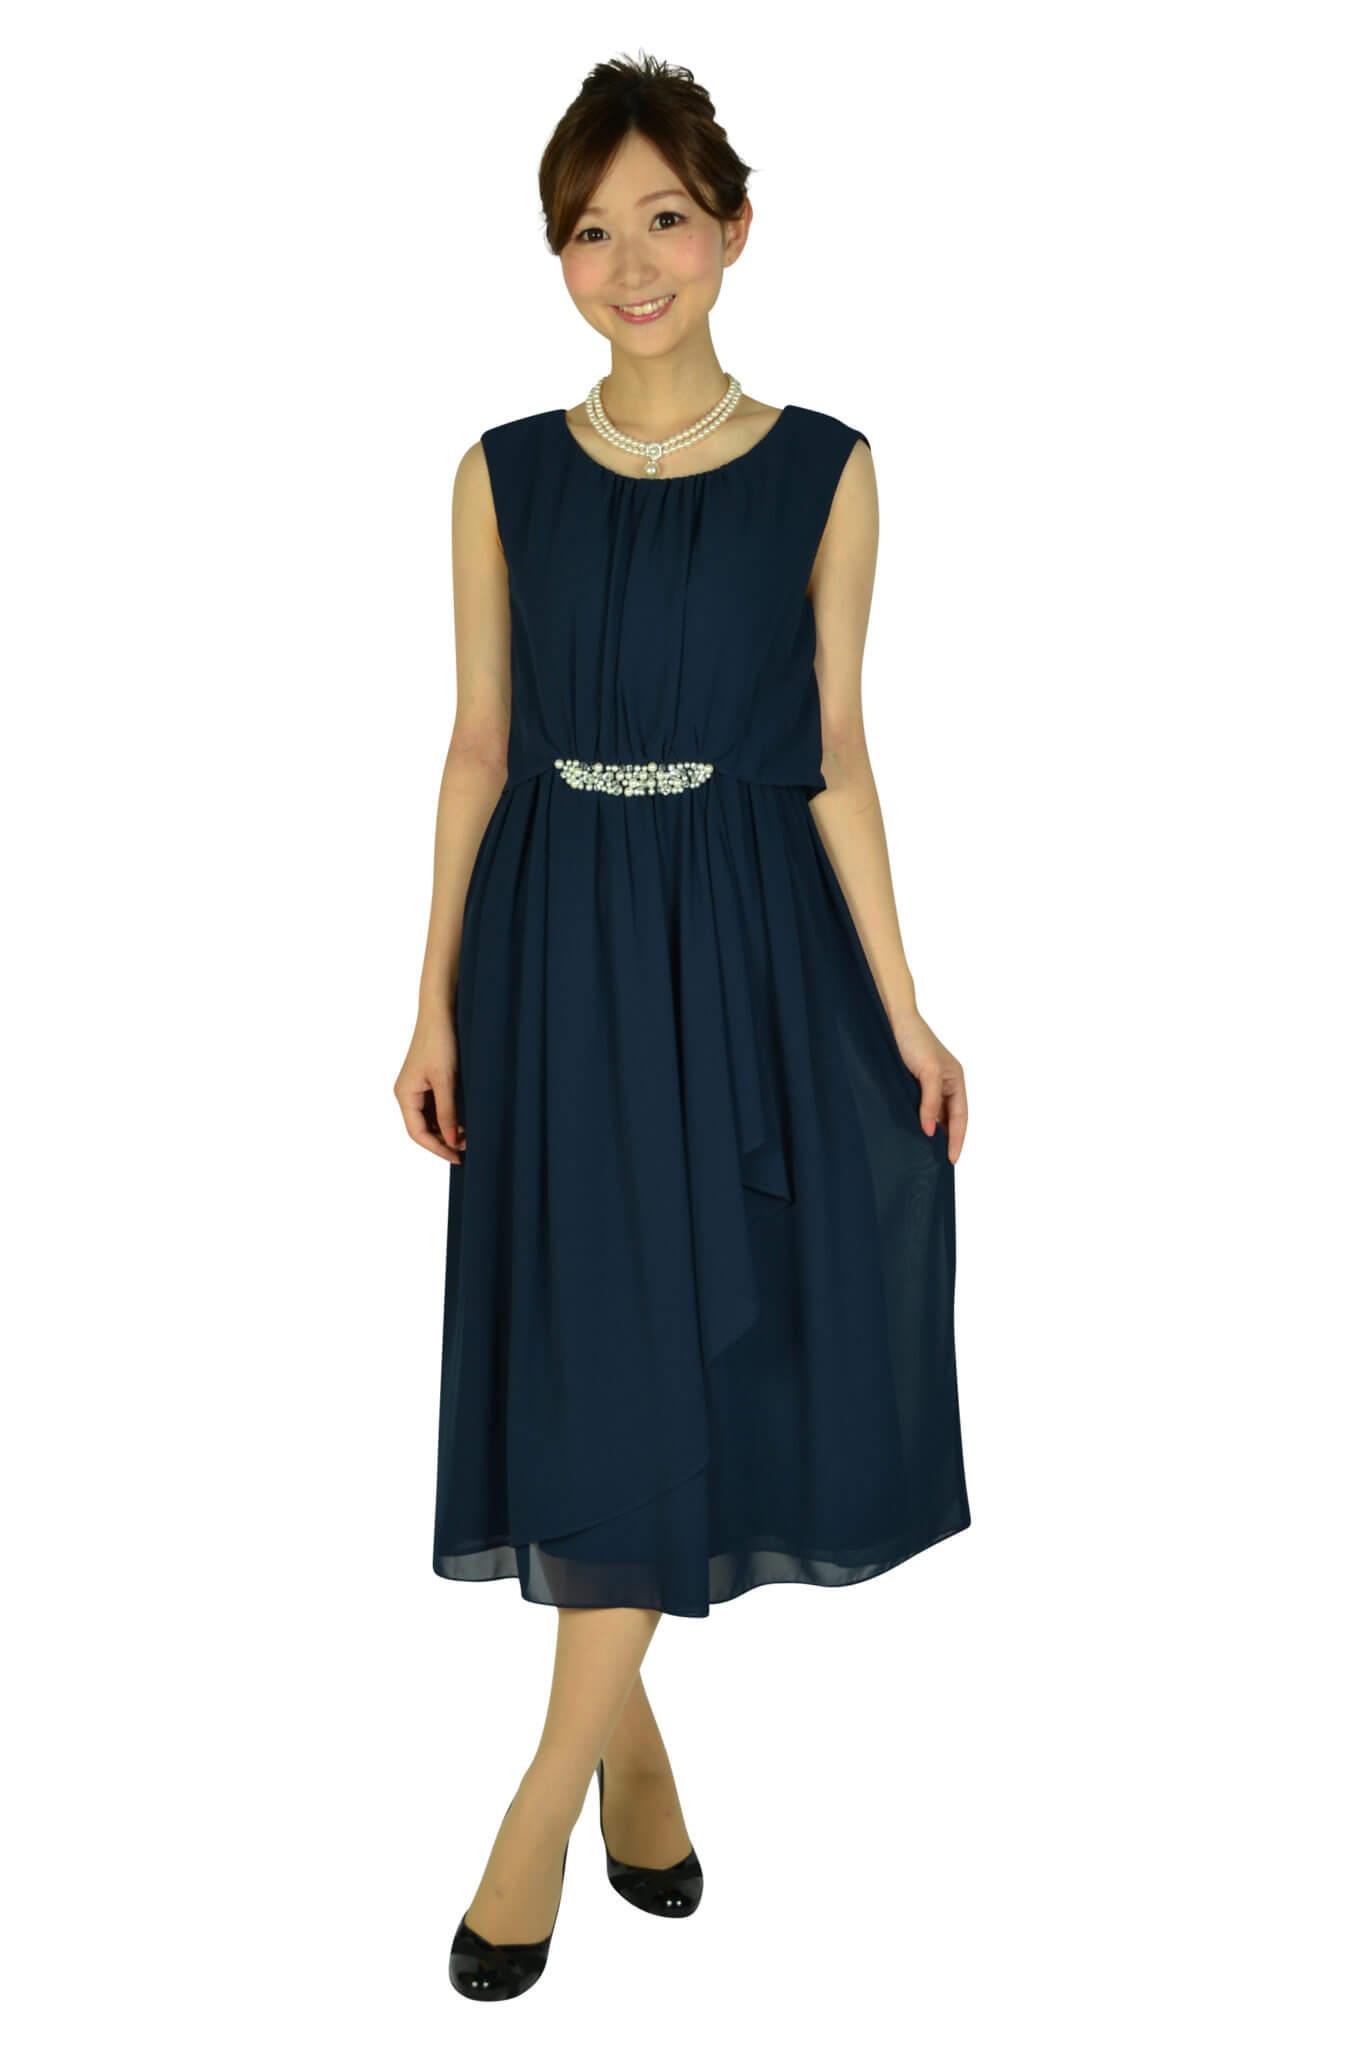 ミベル ミューズ(mebelle muse) ウェストパールネイビードレス